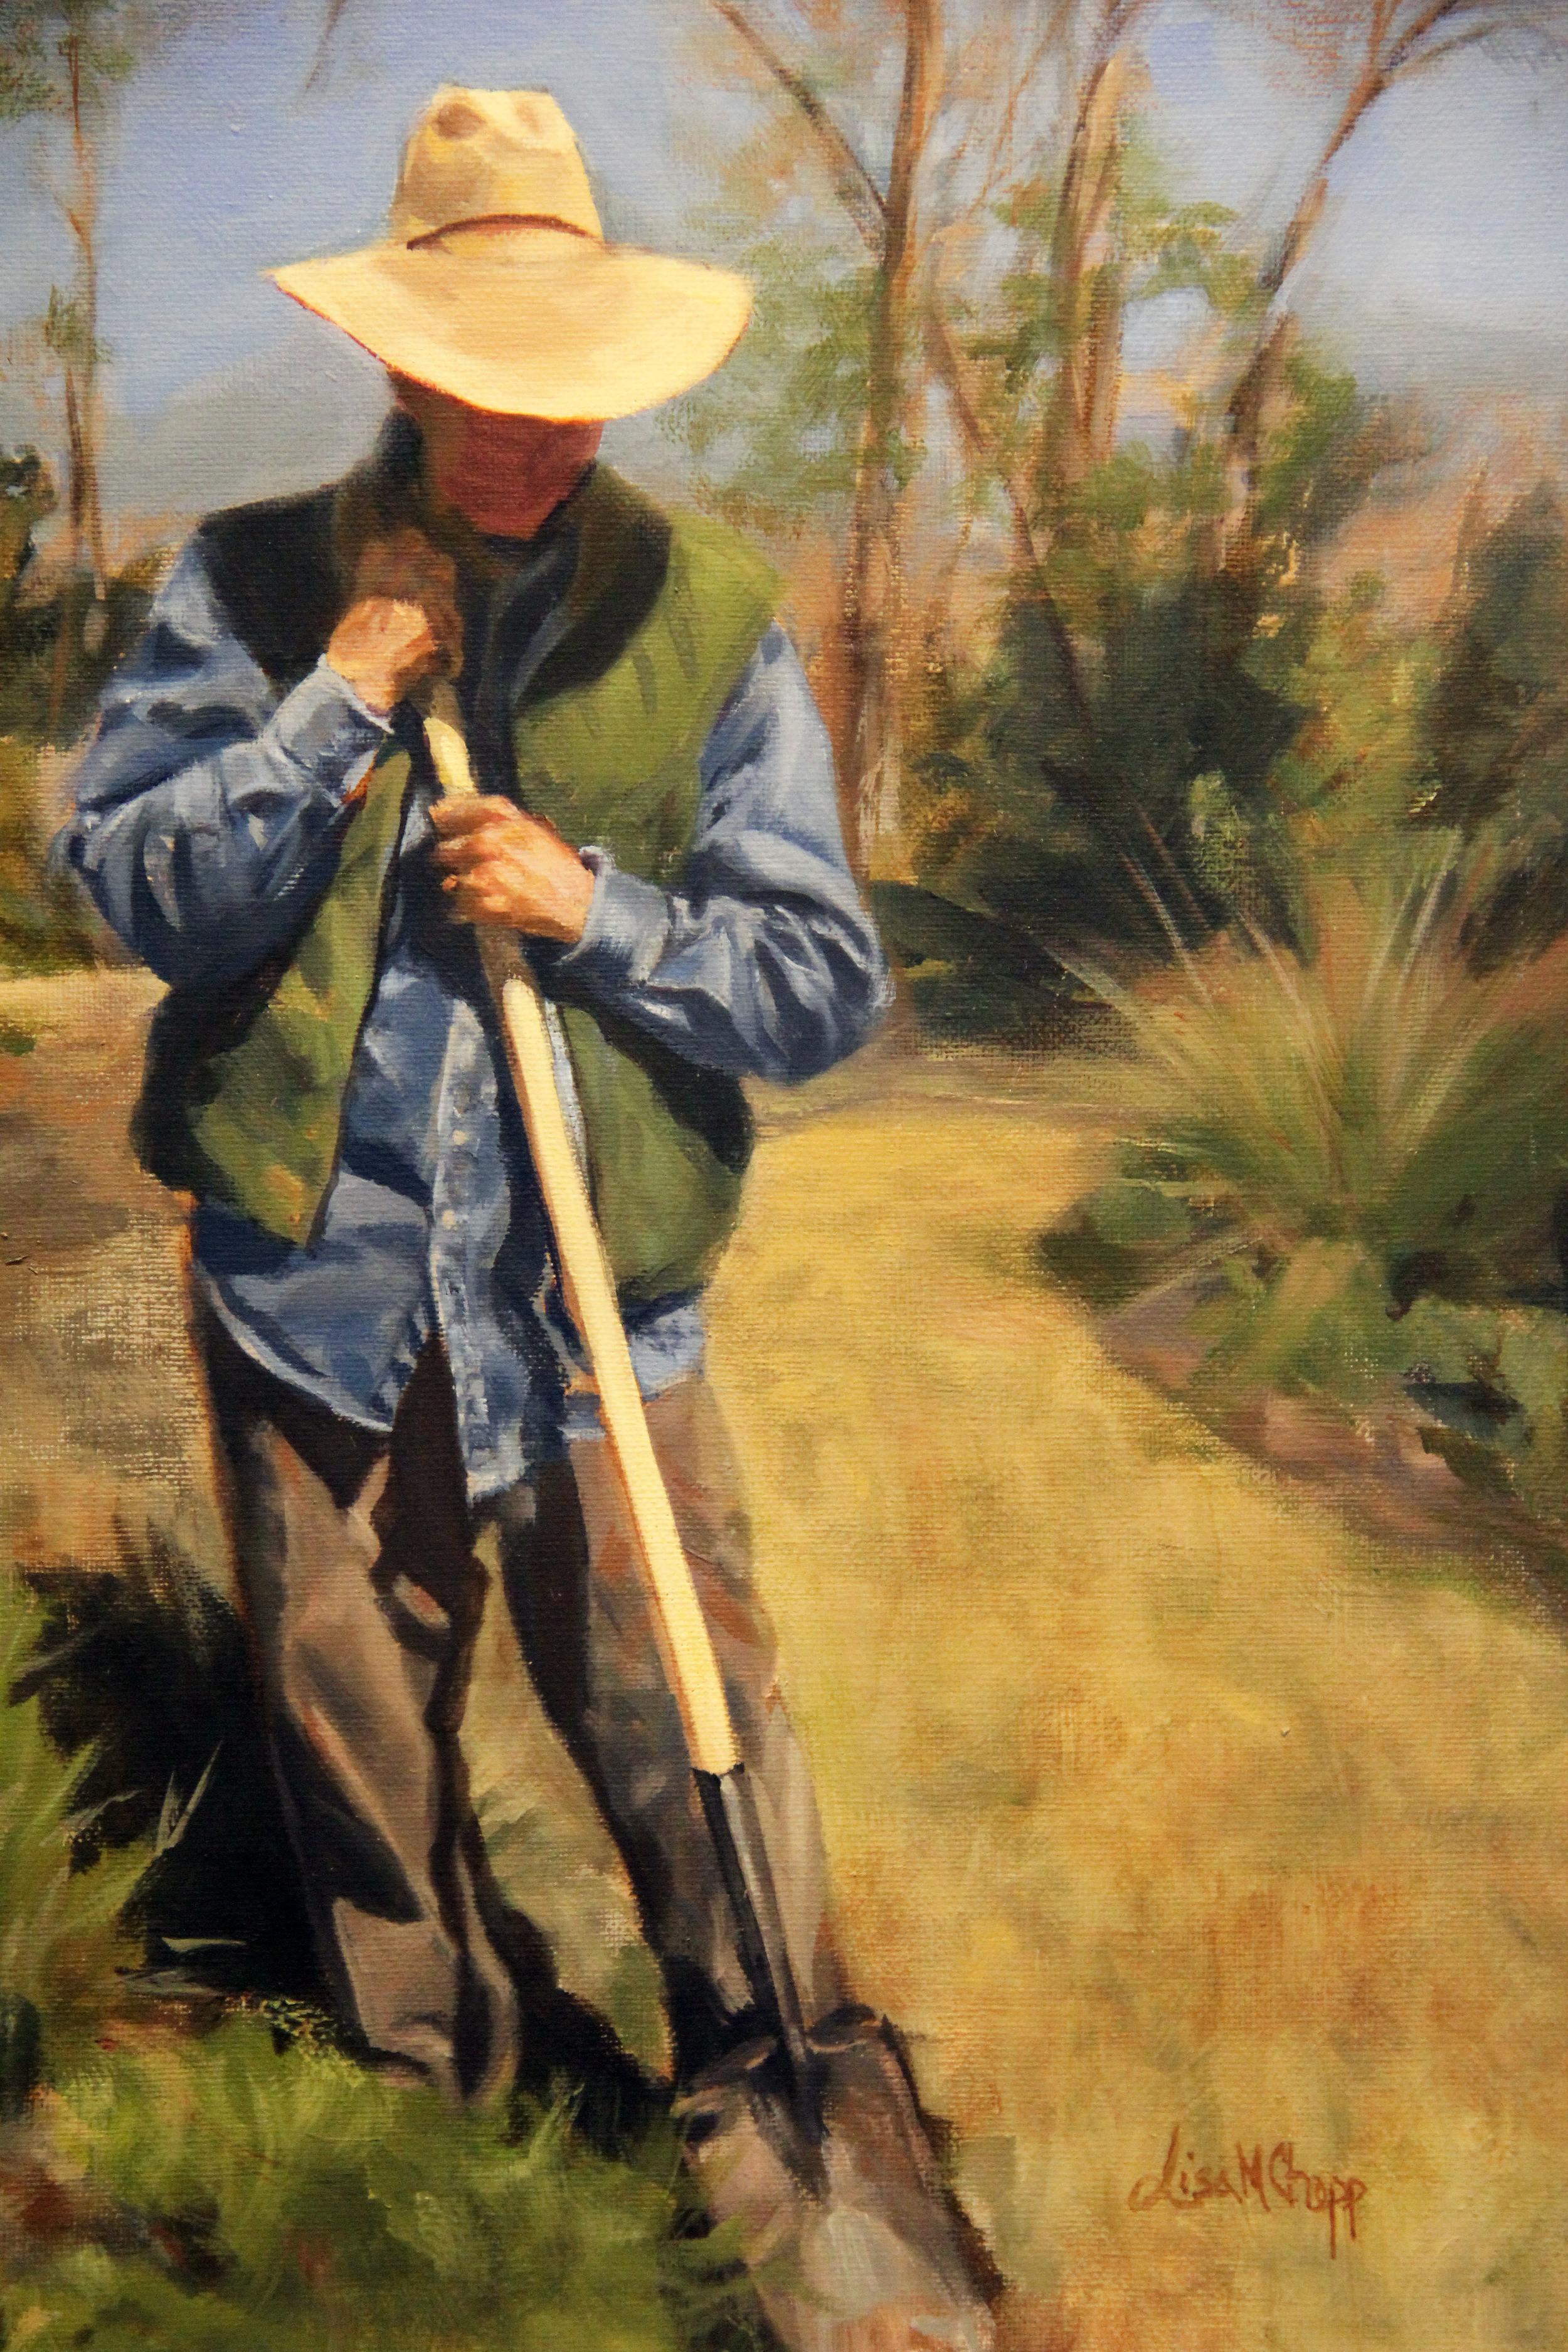 Lisa Chopp  Gardener in Spring  11X14  Oil on Canvas